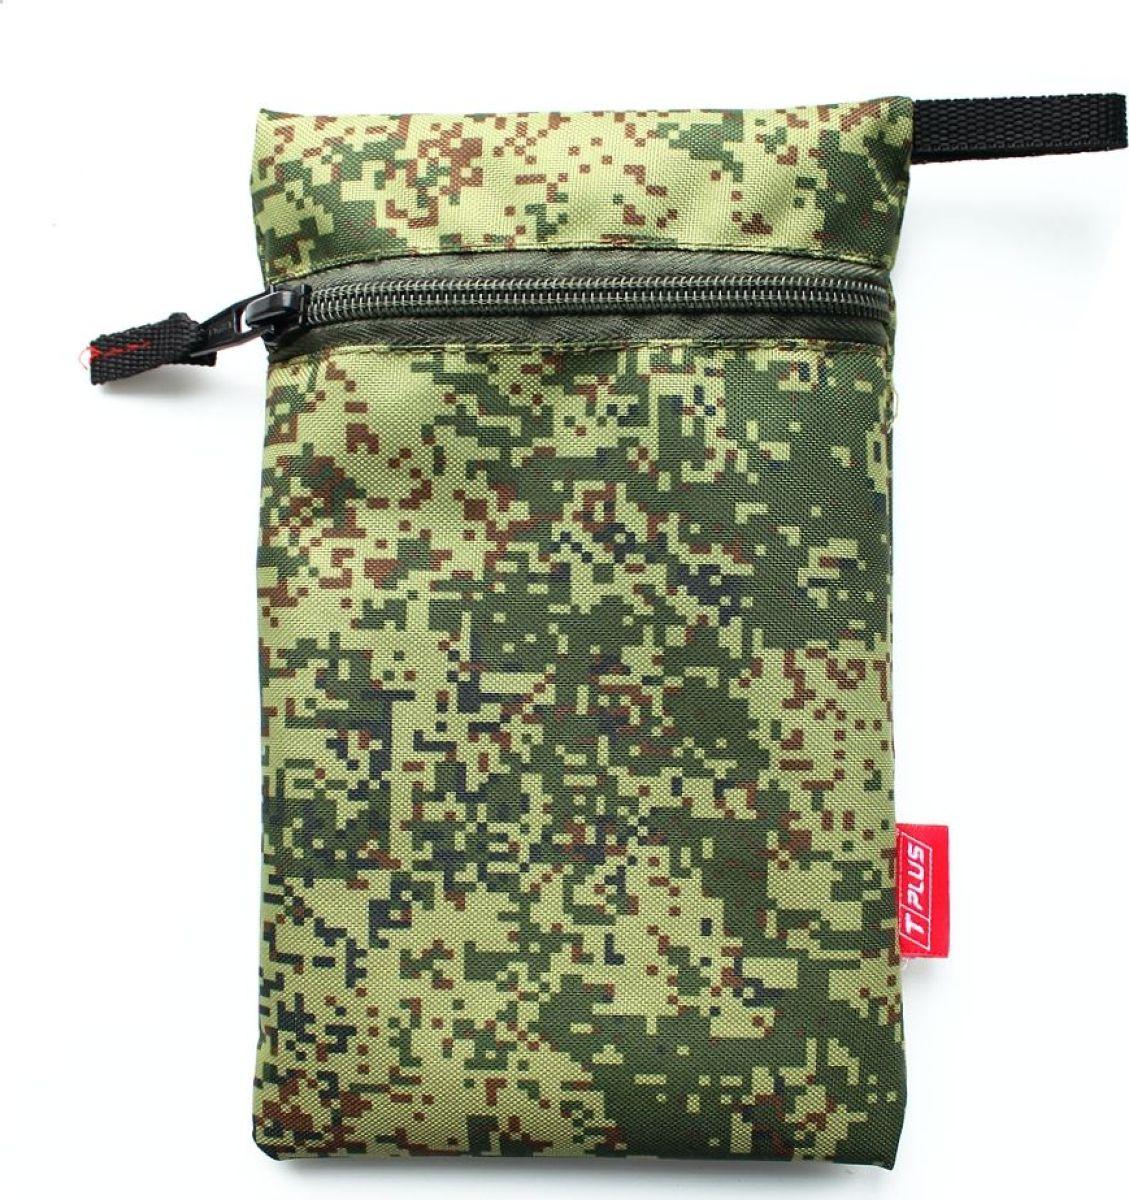 Мешок вещевой Tplus 600, цвет: цифра, 15 x 23 см сумка для такелажной оснастки tplus сompact t009399